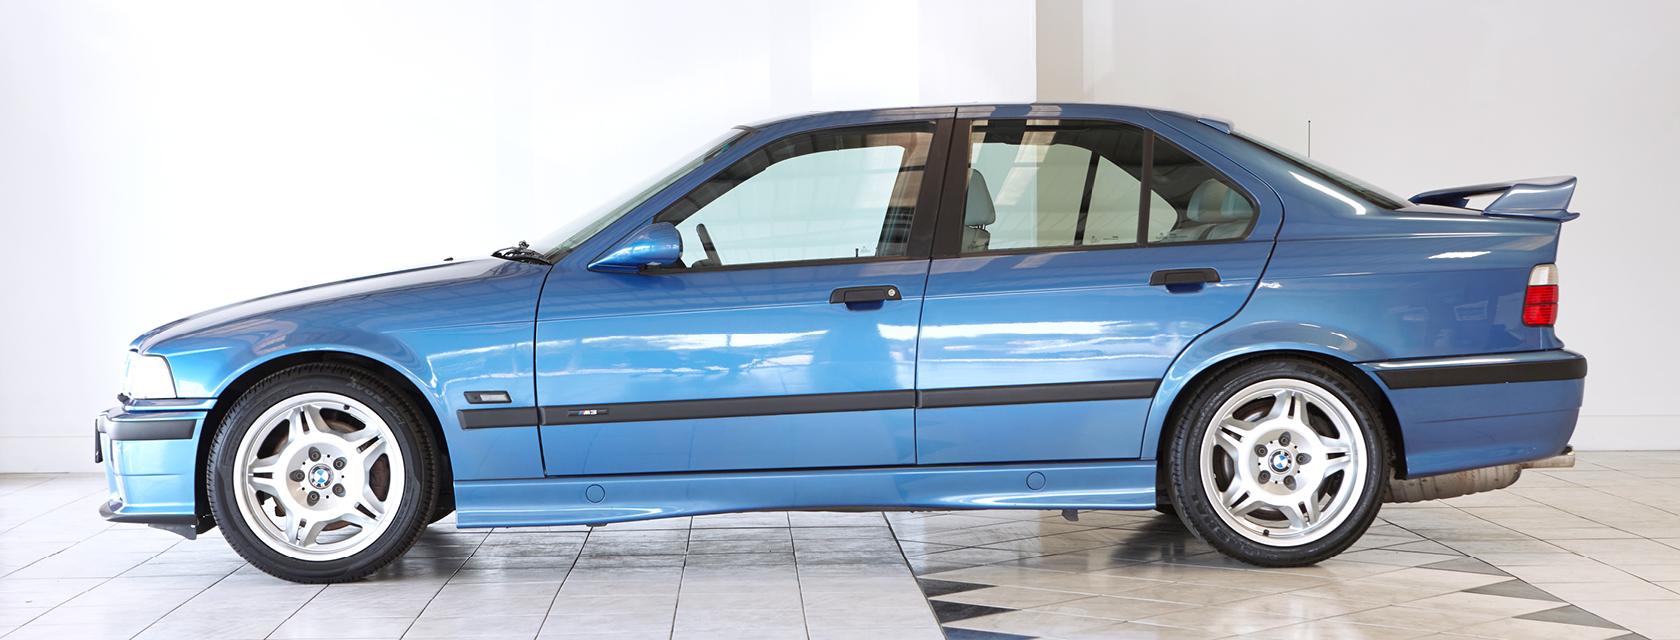 High Spec BMW M3 EVO E36 in Estriol Blue Metallic